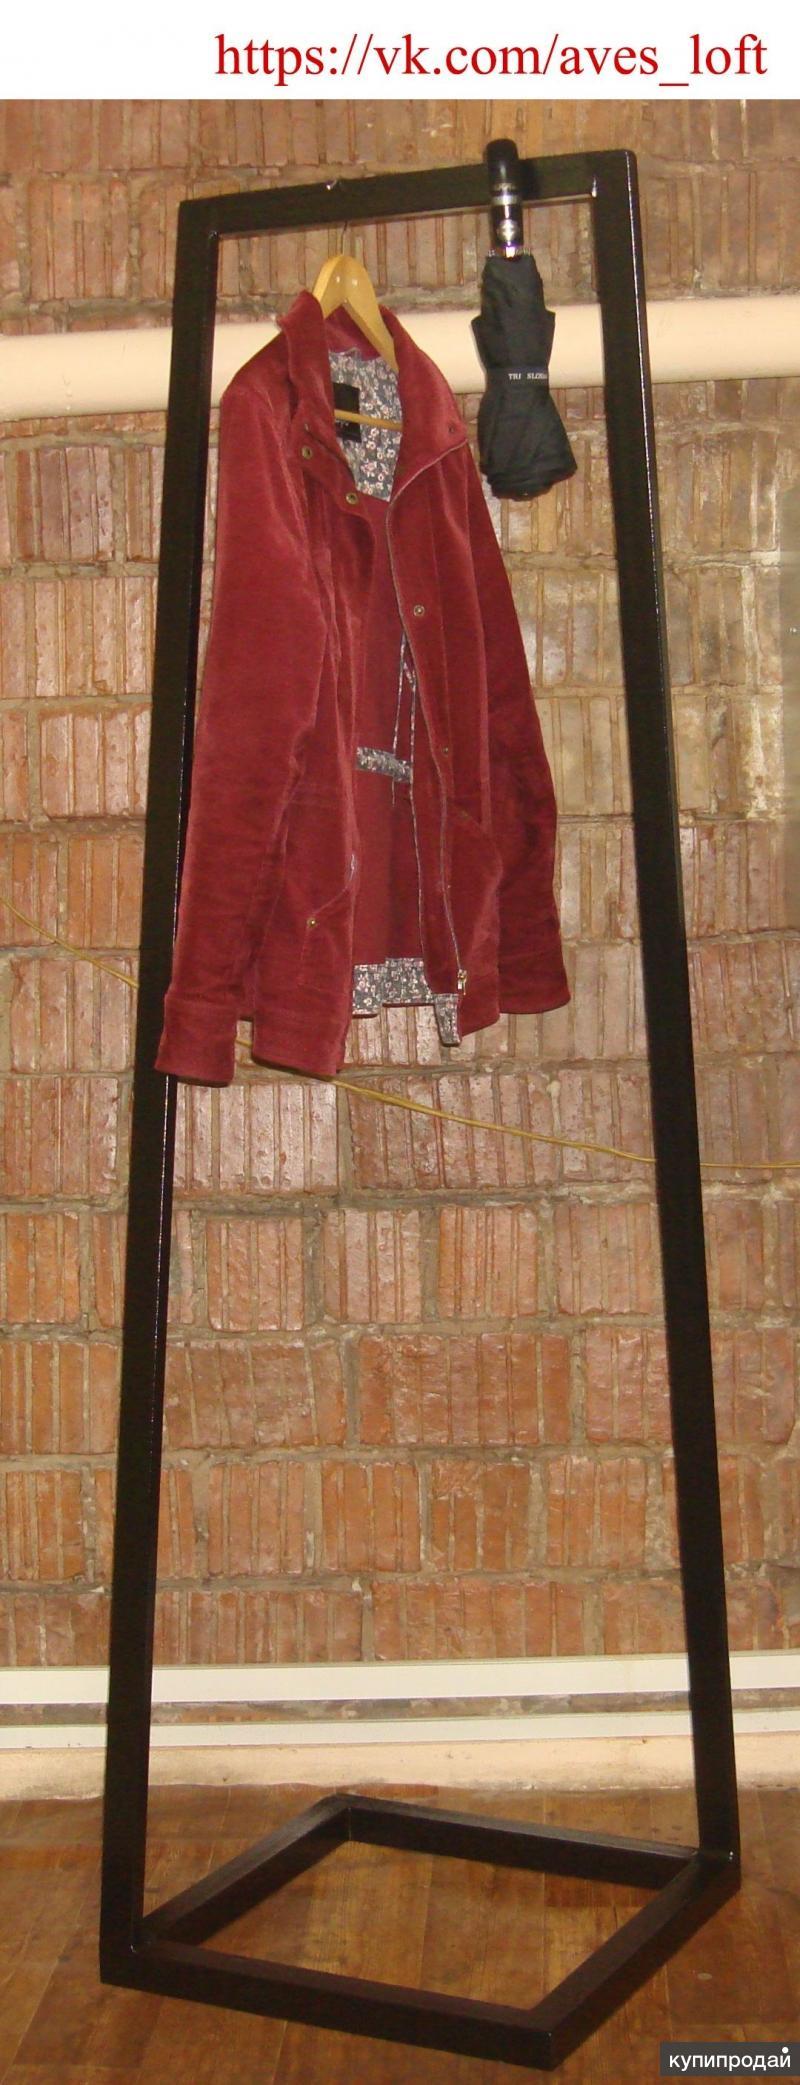 Мебель в стиле Лофт. Вешалка для одежды напольная